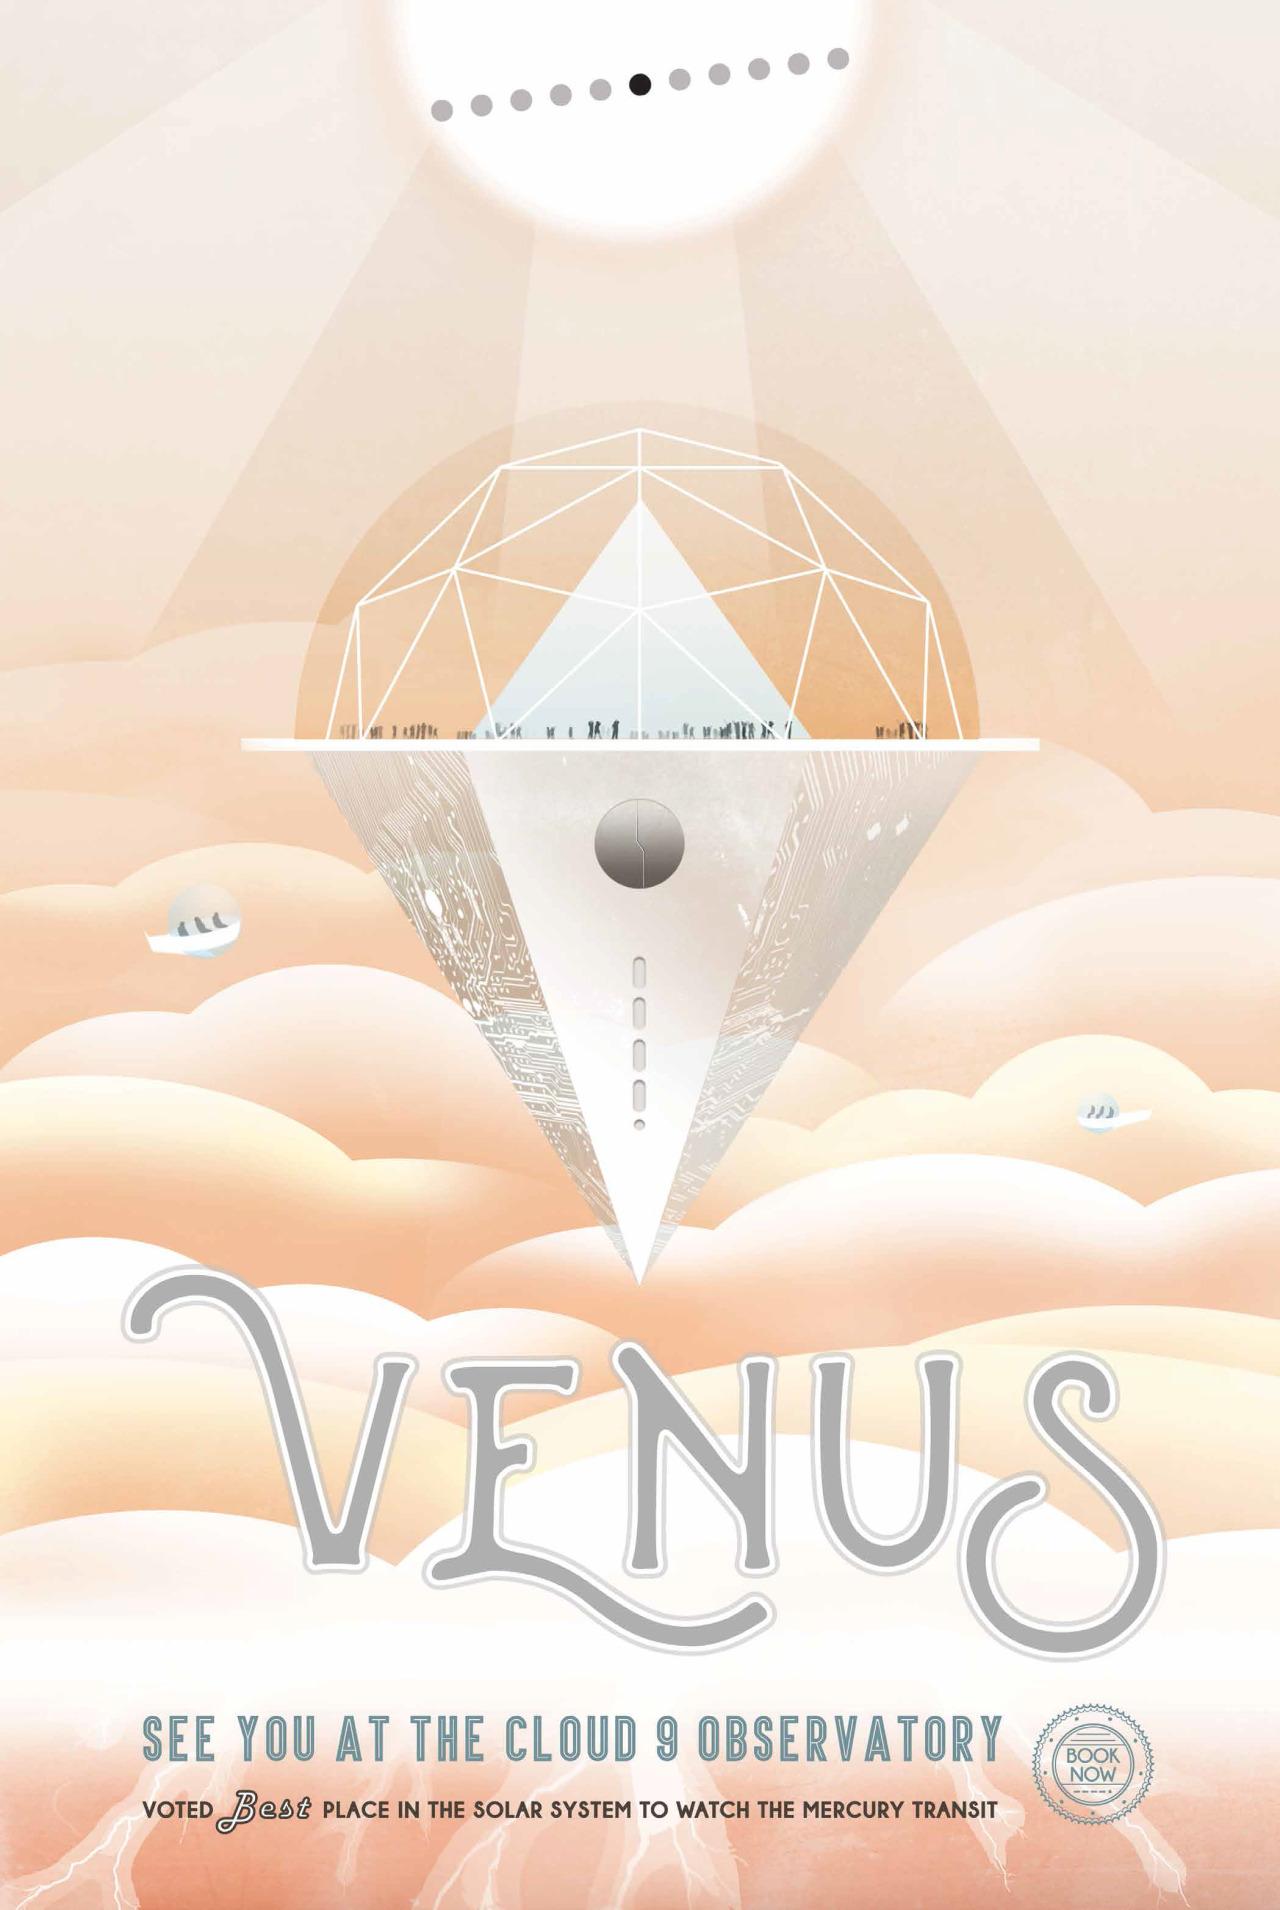 BELVEDERE VENERE.Vola nel Pacifico meridionale sulle tracce di James Cook e scopri la rara opportunità di osservare un transito planetario di Venere e Mercurio sul disco solare. Non ti basta? Sali a cavallo di una sonda spaziale e parti alla volta delle località più esotiche del Sistema Solare. Il meteo continua a segnalare una densa coltre di nubi attorno a Venere. Terribili sbalzi termici su Mercurio, si raccomanda una protezione solare totale per evitare spiacevoli bruciature. Crediti: NASA